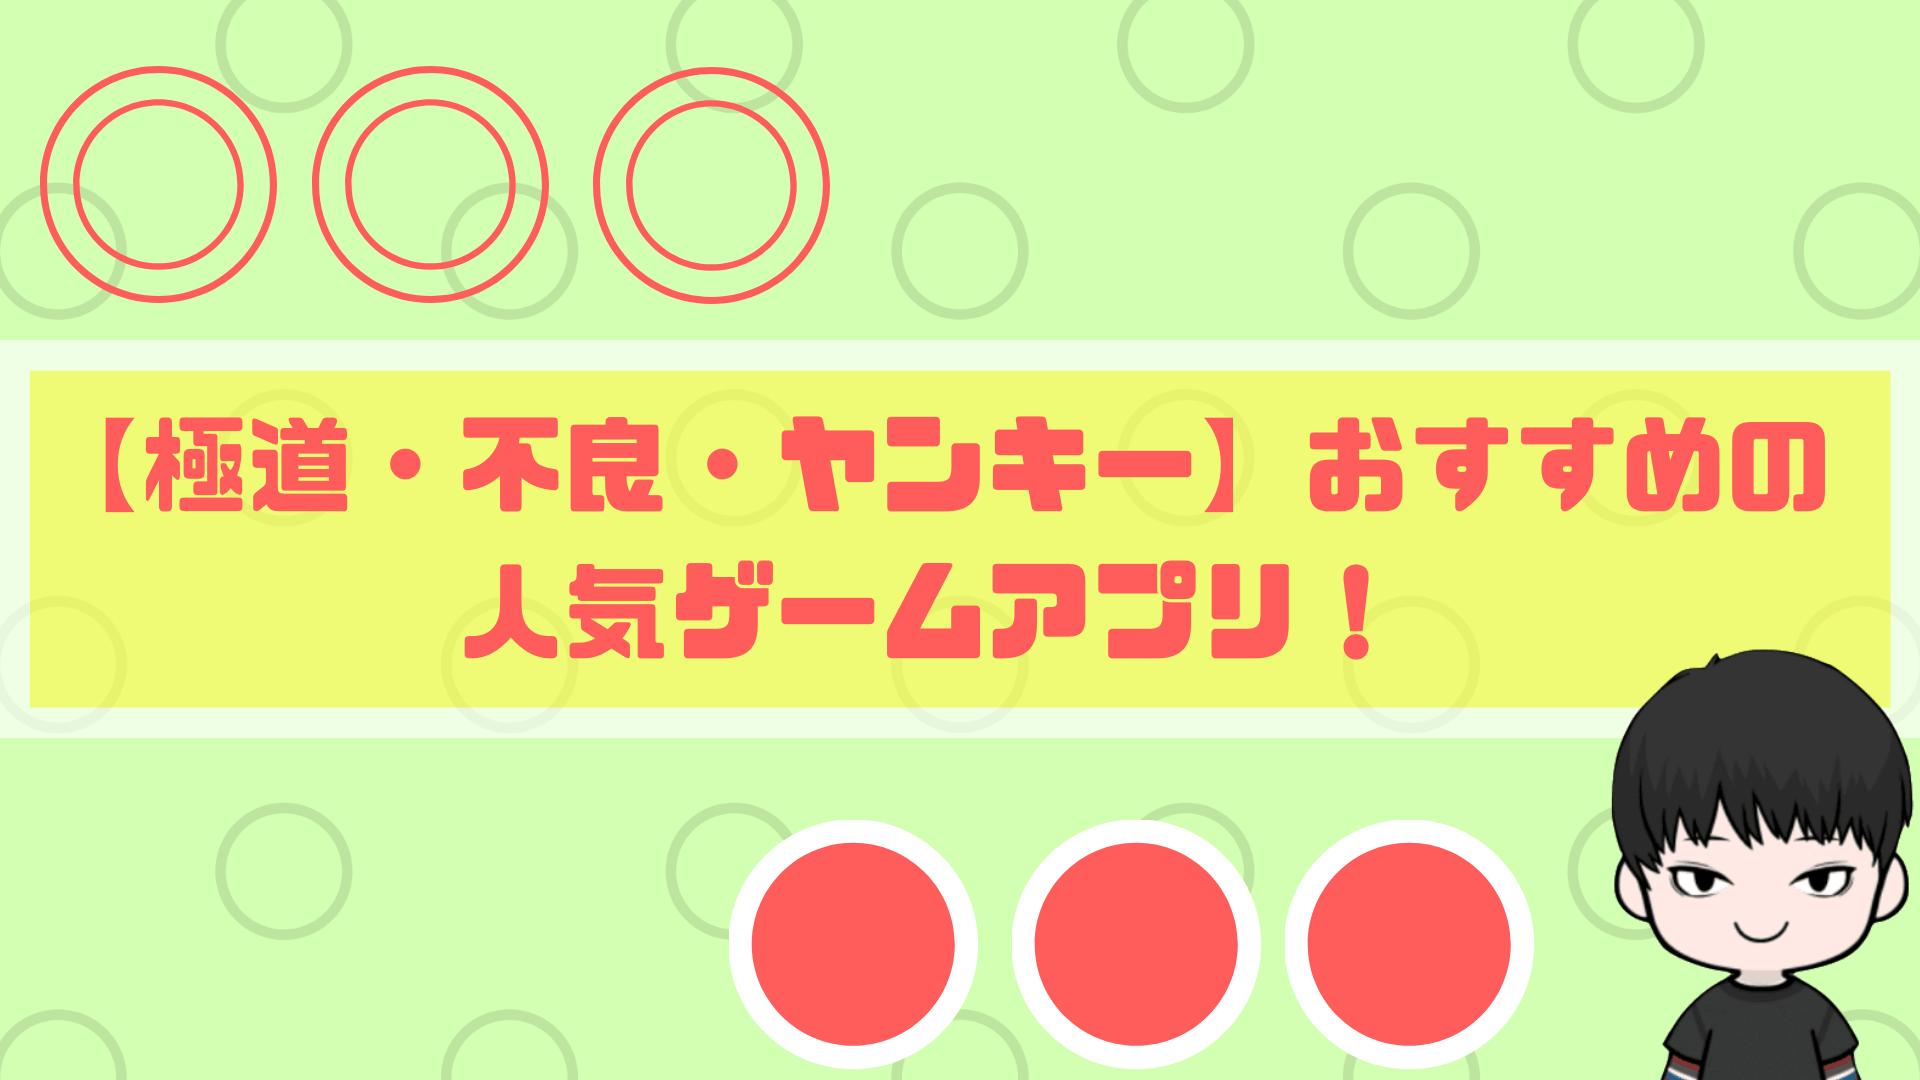 【極道・不良・ヤンキー】おすすめの人気ゲームアプリ!ランキングにてまとめ